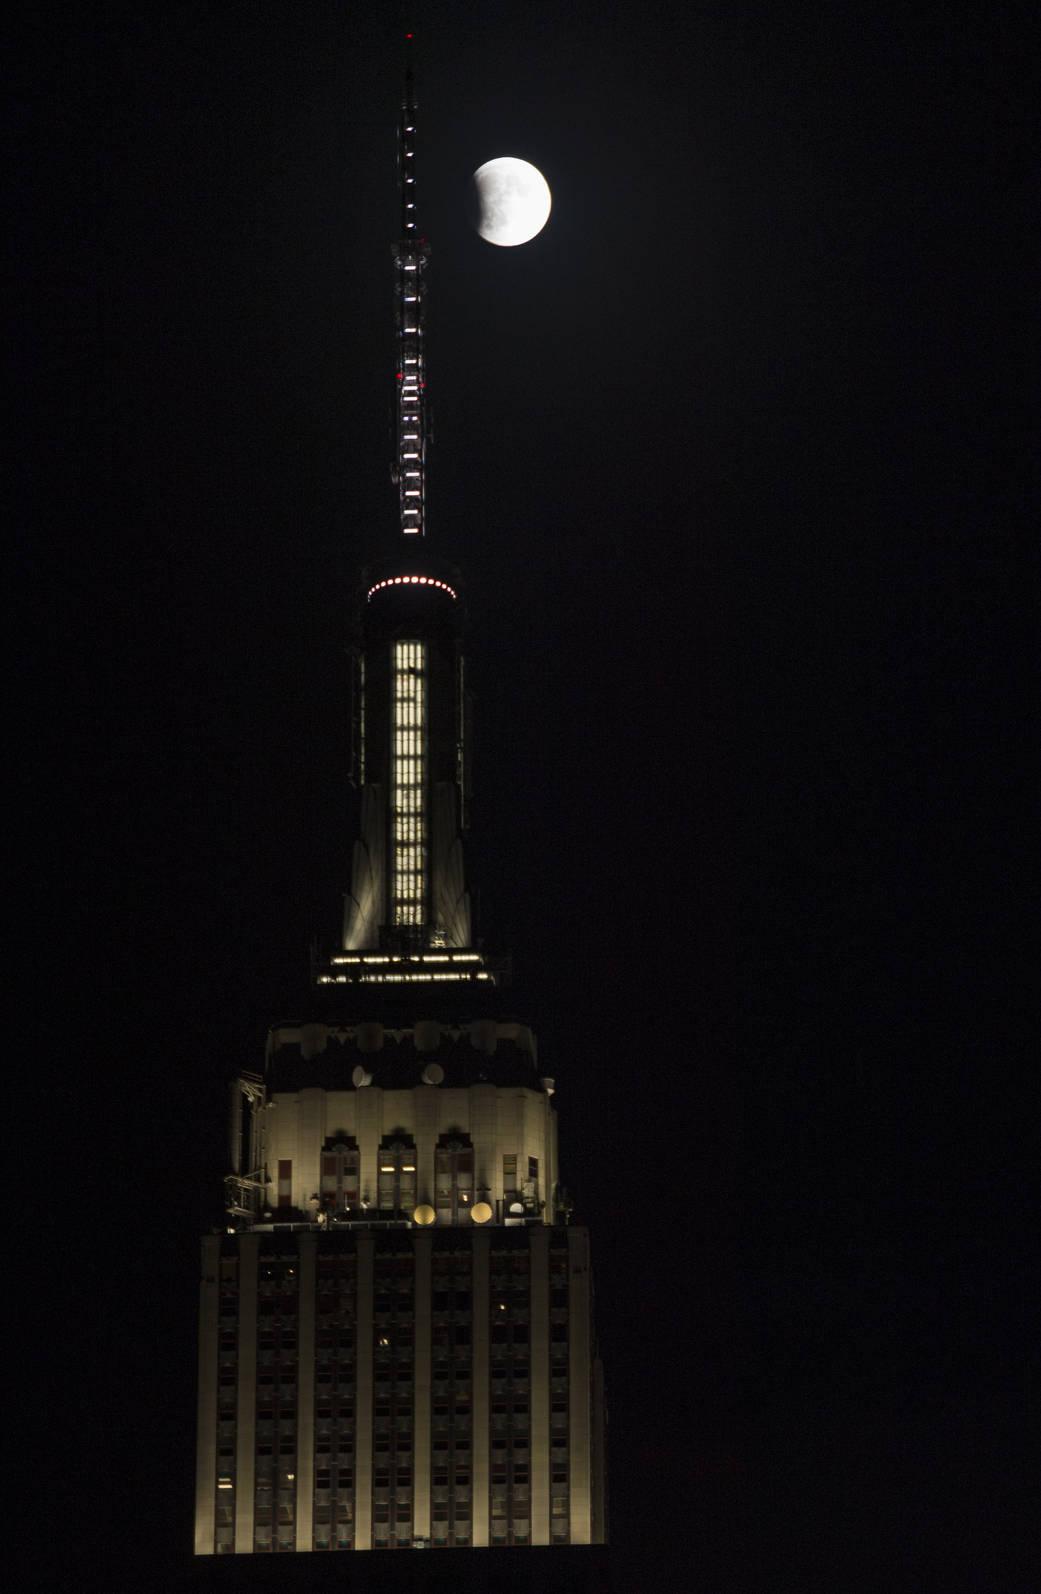 El comienzo del eclipse total de luna del 27 de septiembre de 2015, en Nueva York, junto al Empire State Building (NASA/Joel Kowsky)